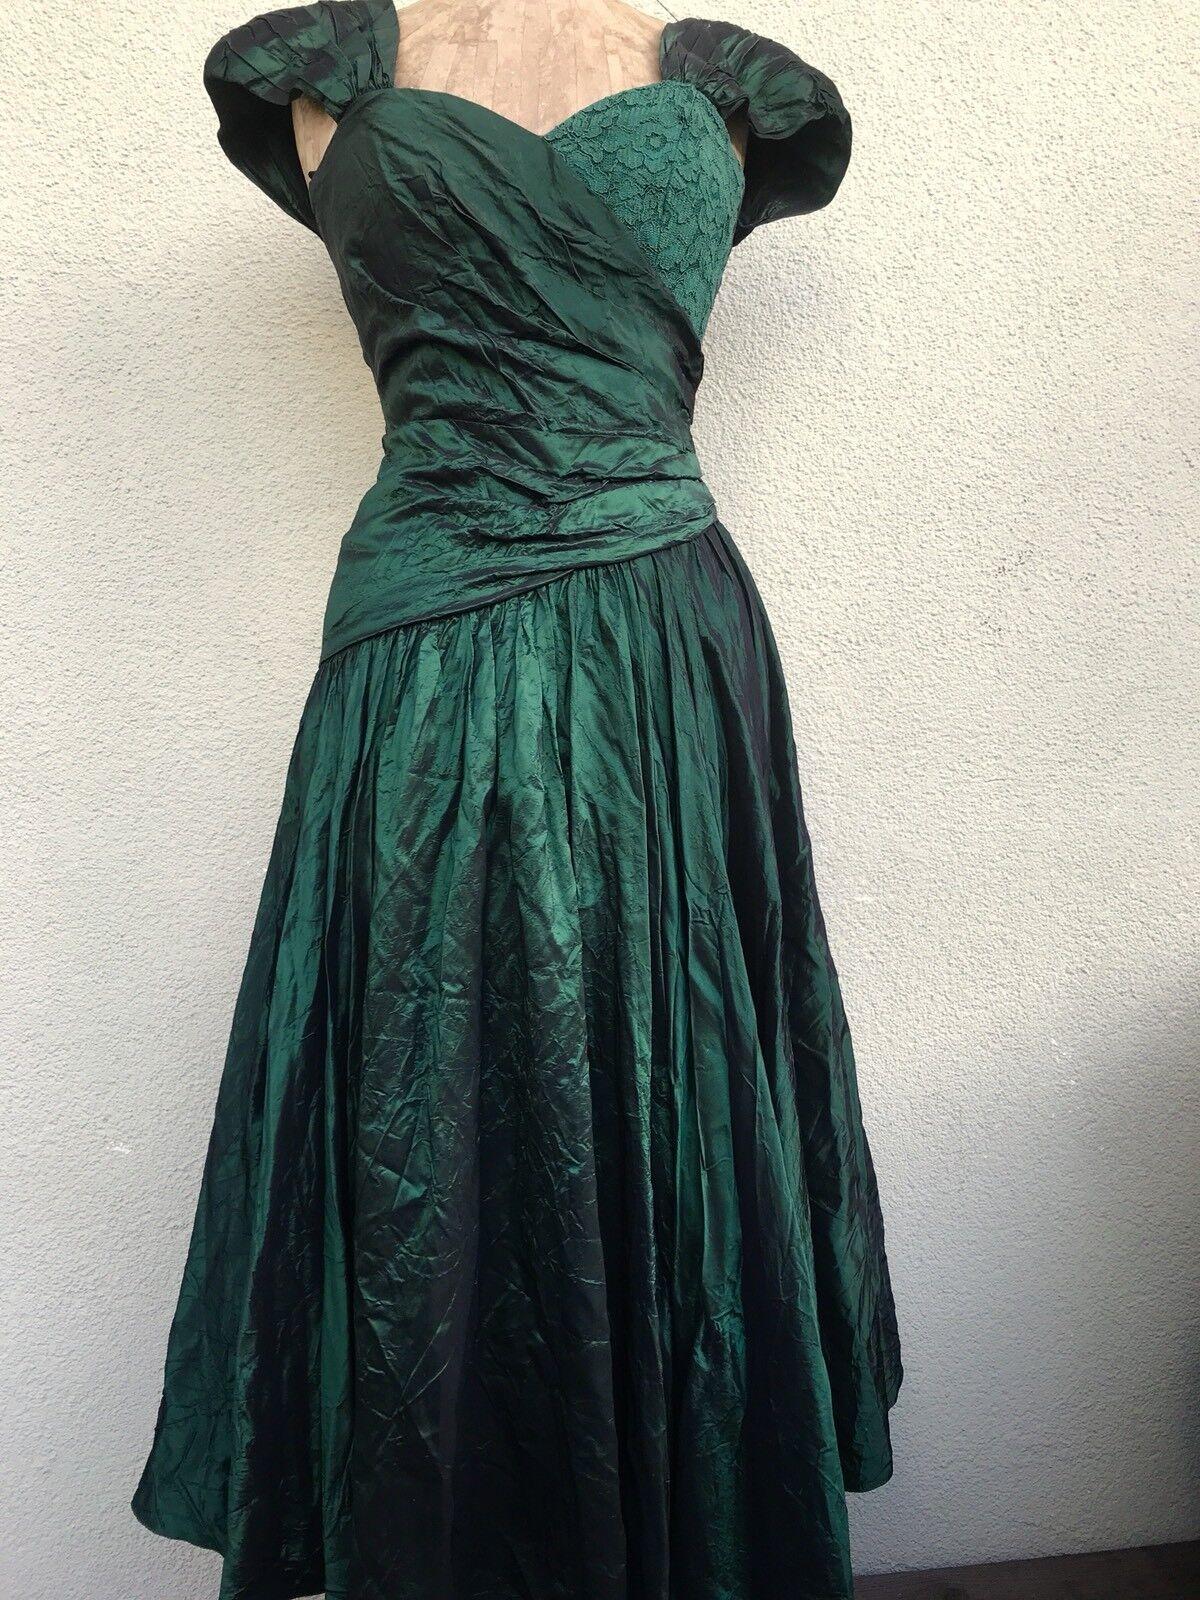 Vero Moda Moda Moda Abendkeid Gr. 38 grün changierend - wie neu   Outlet Store Online    Qualifizierte Herstellung    München Online Shop  7fd759